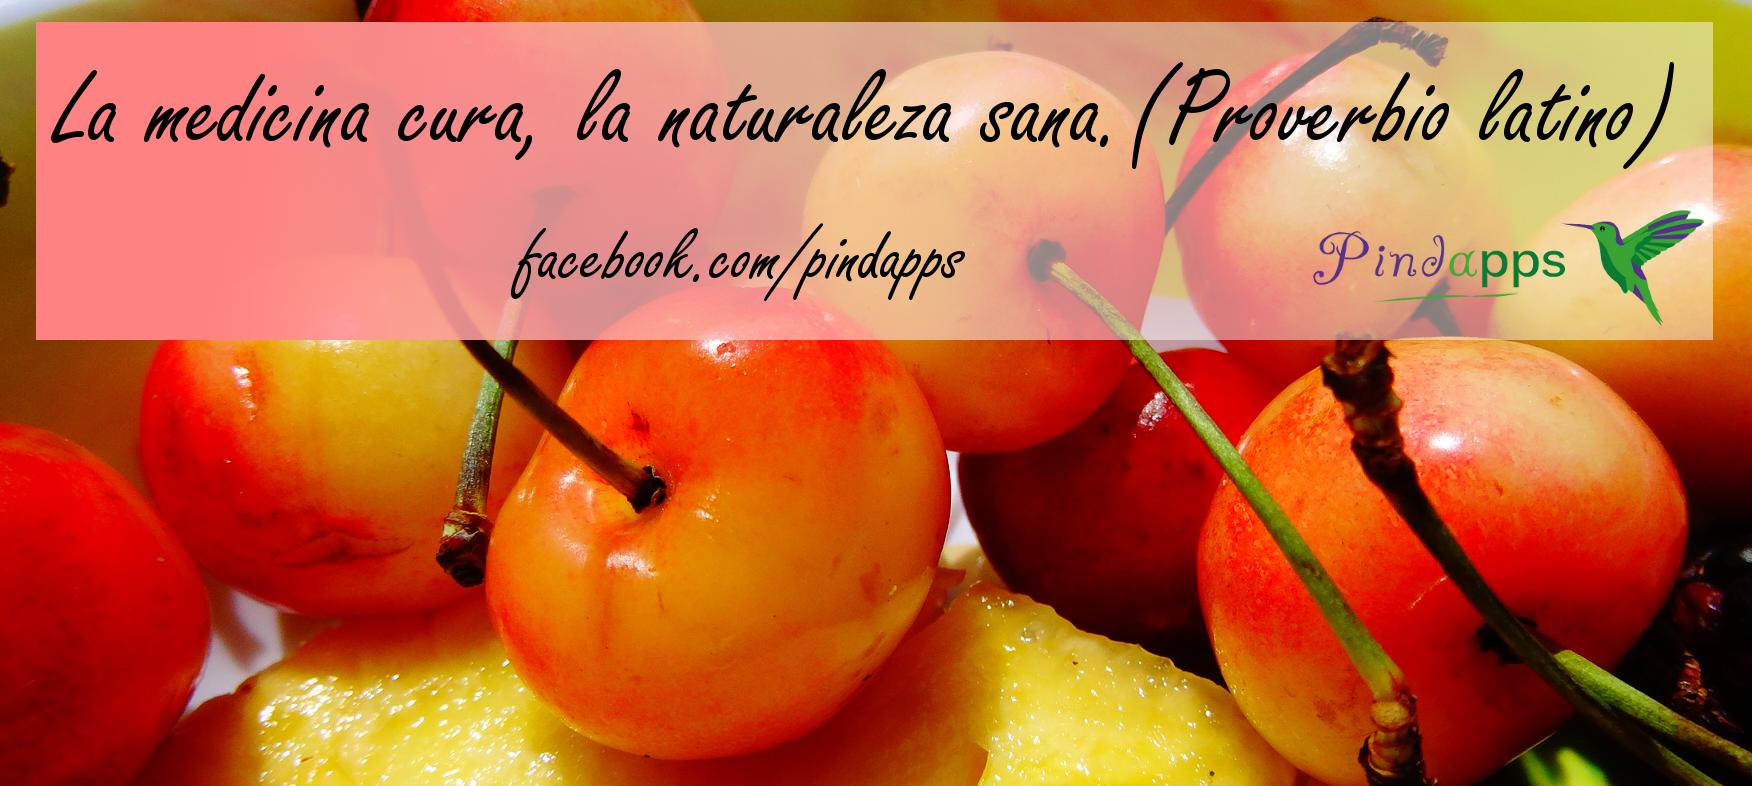 Frases Doação De Alimentos: Frases De Saludable (44 Frases